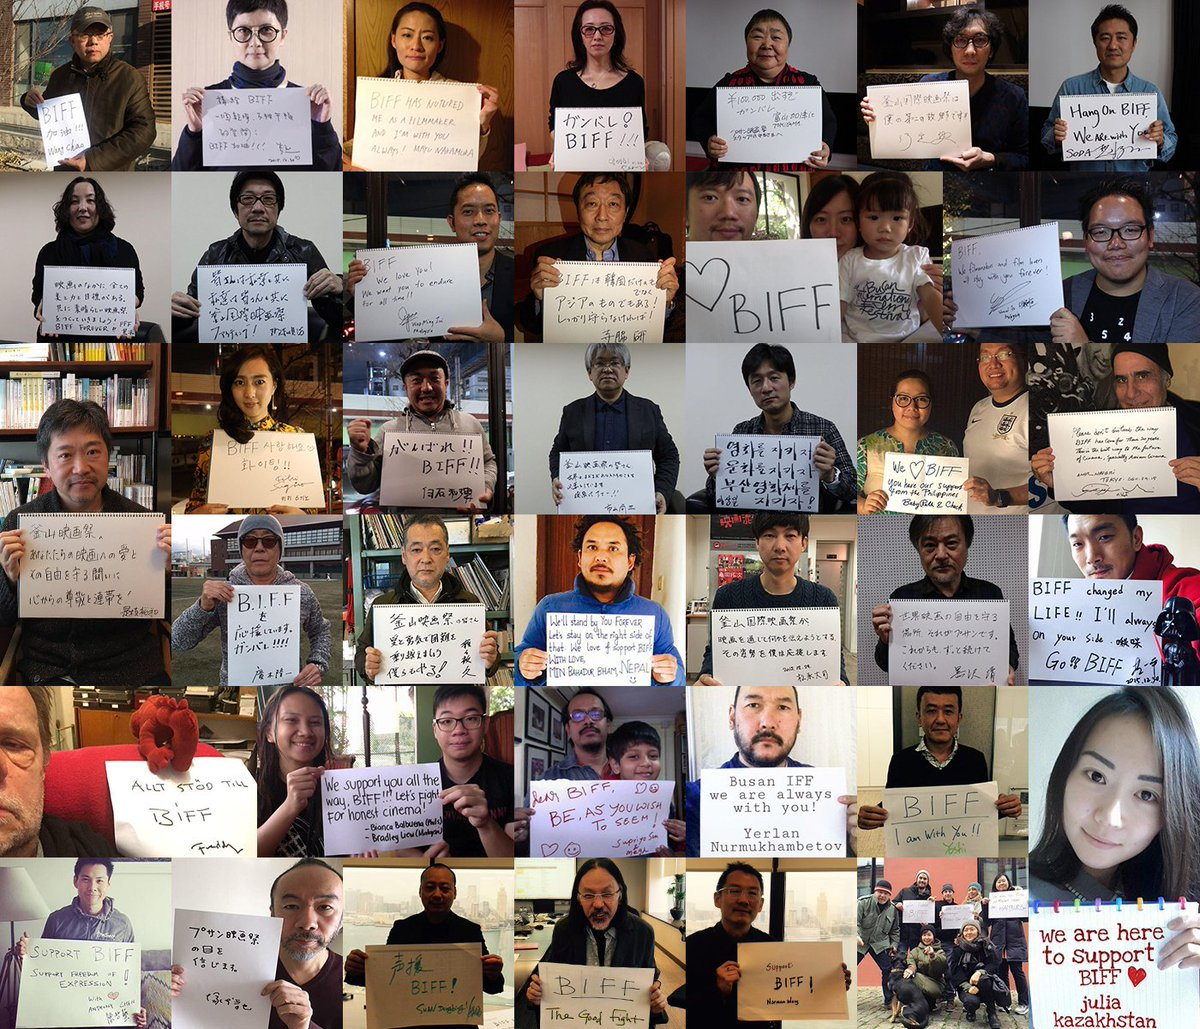 <다이빙벨> 검열을 반대했다가 보복성 감사를 받아야했던 부산국제영화제를 지지하는 해외 영화인들의 목소리가 SNS를 중심으로 점차 확산되고 있습니다! https://t.co/foa8pIfWPe https://t.co/TCjv5lriYM